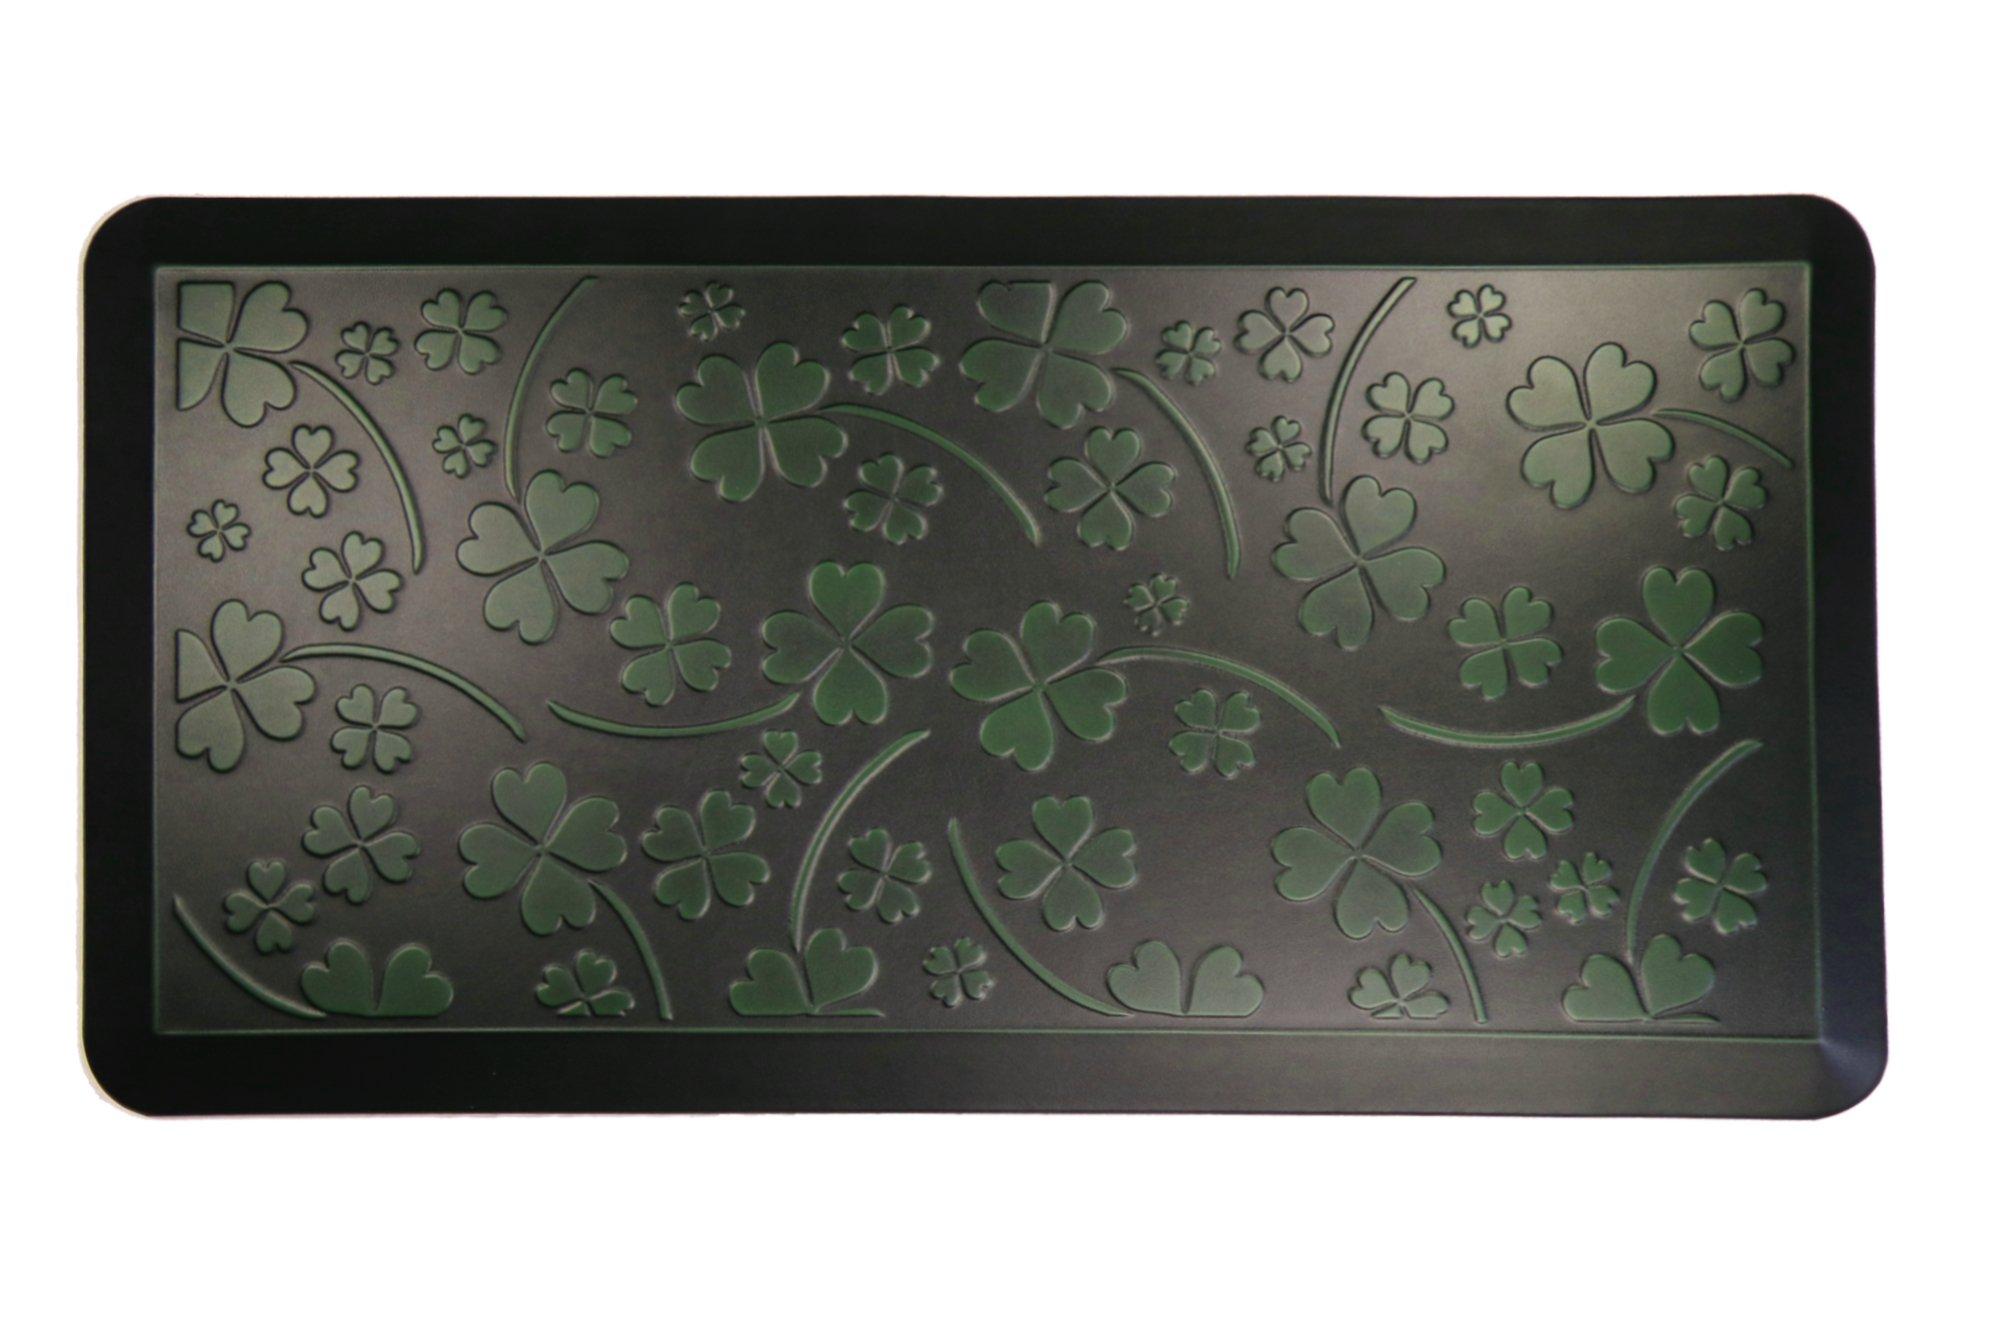 AMCOMFY Kitchen Anti Fatigue Mat,Comfort Floor Mats,Standing Desk Mats,Antique Series (20''x39''x3/4'', Clover Green)